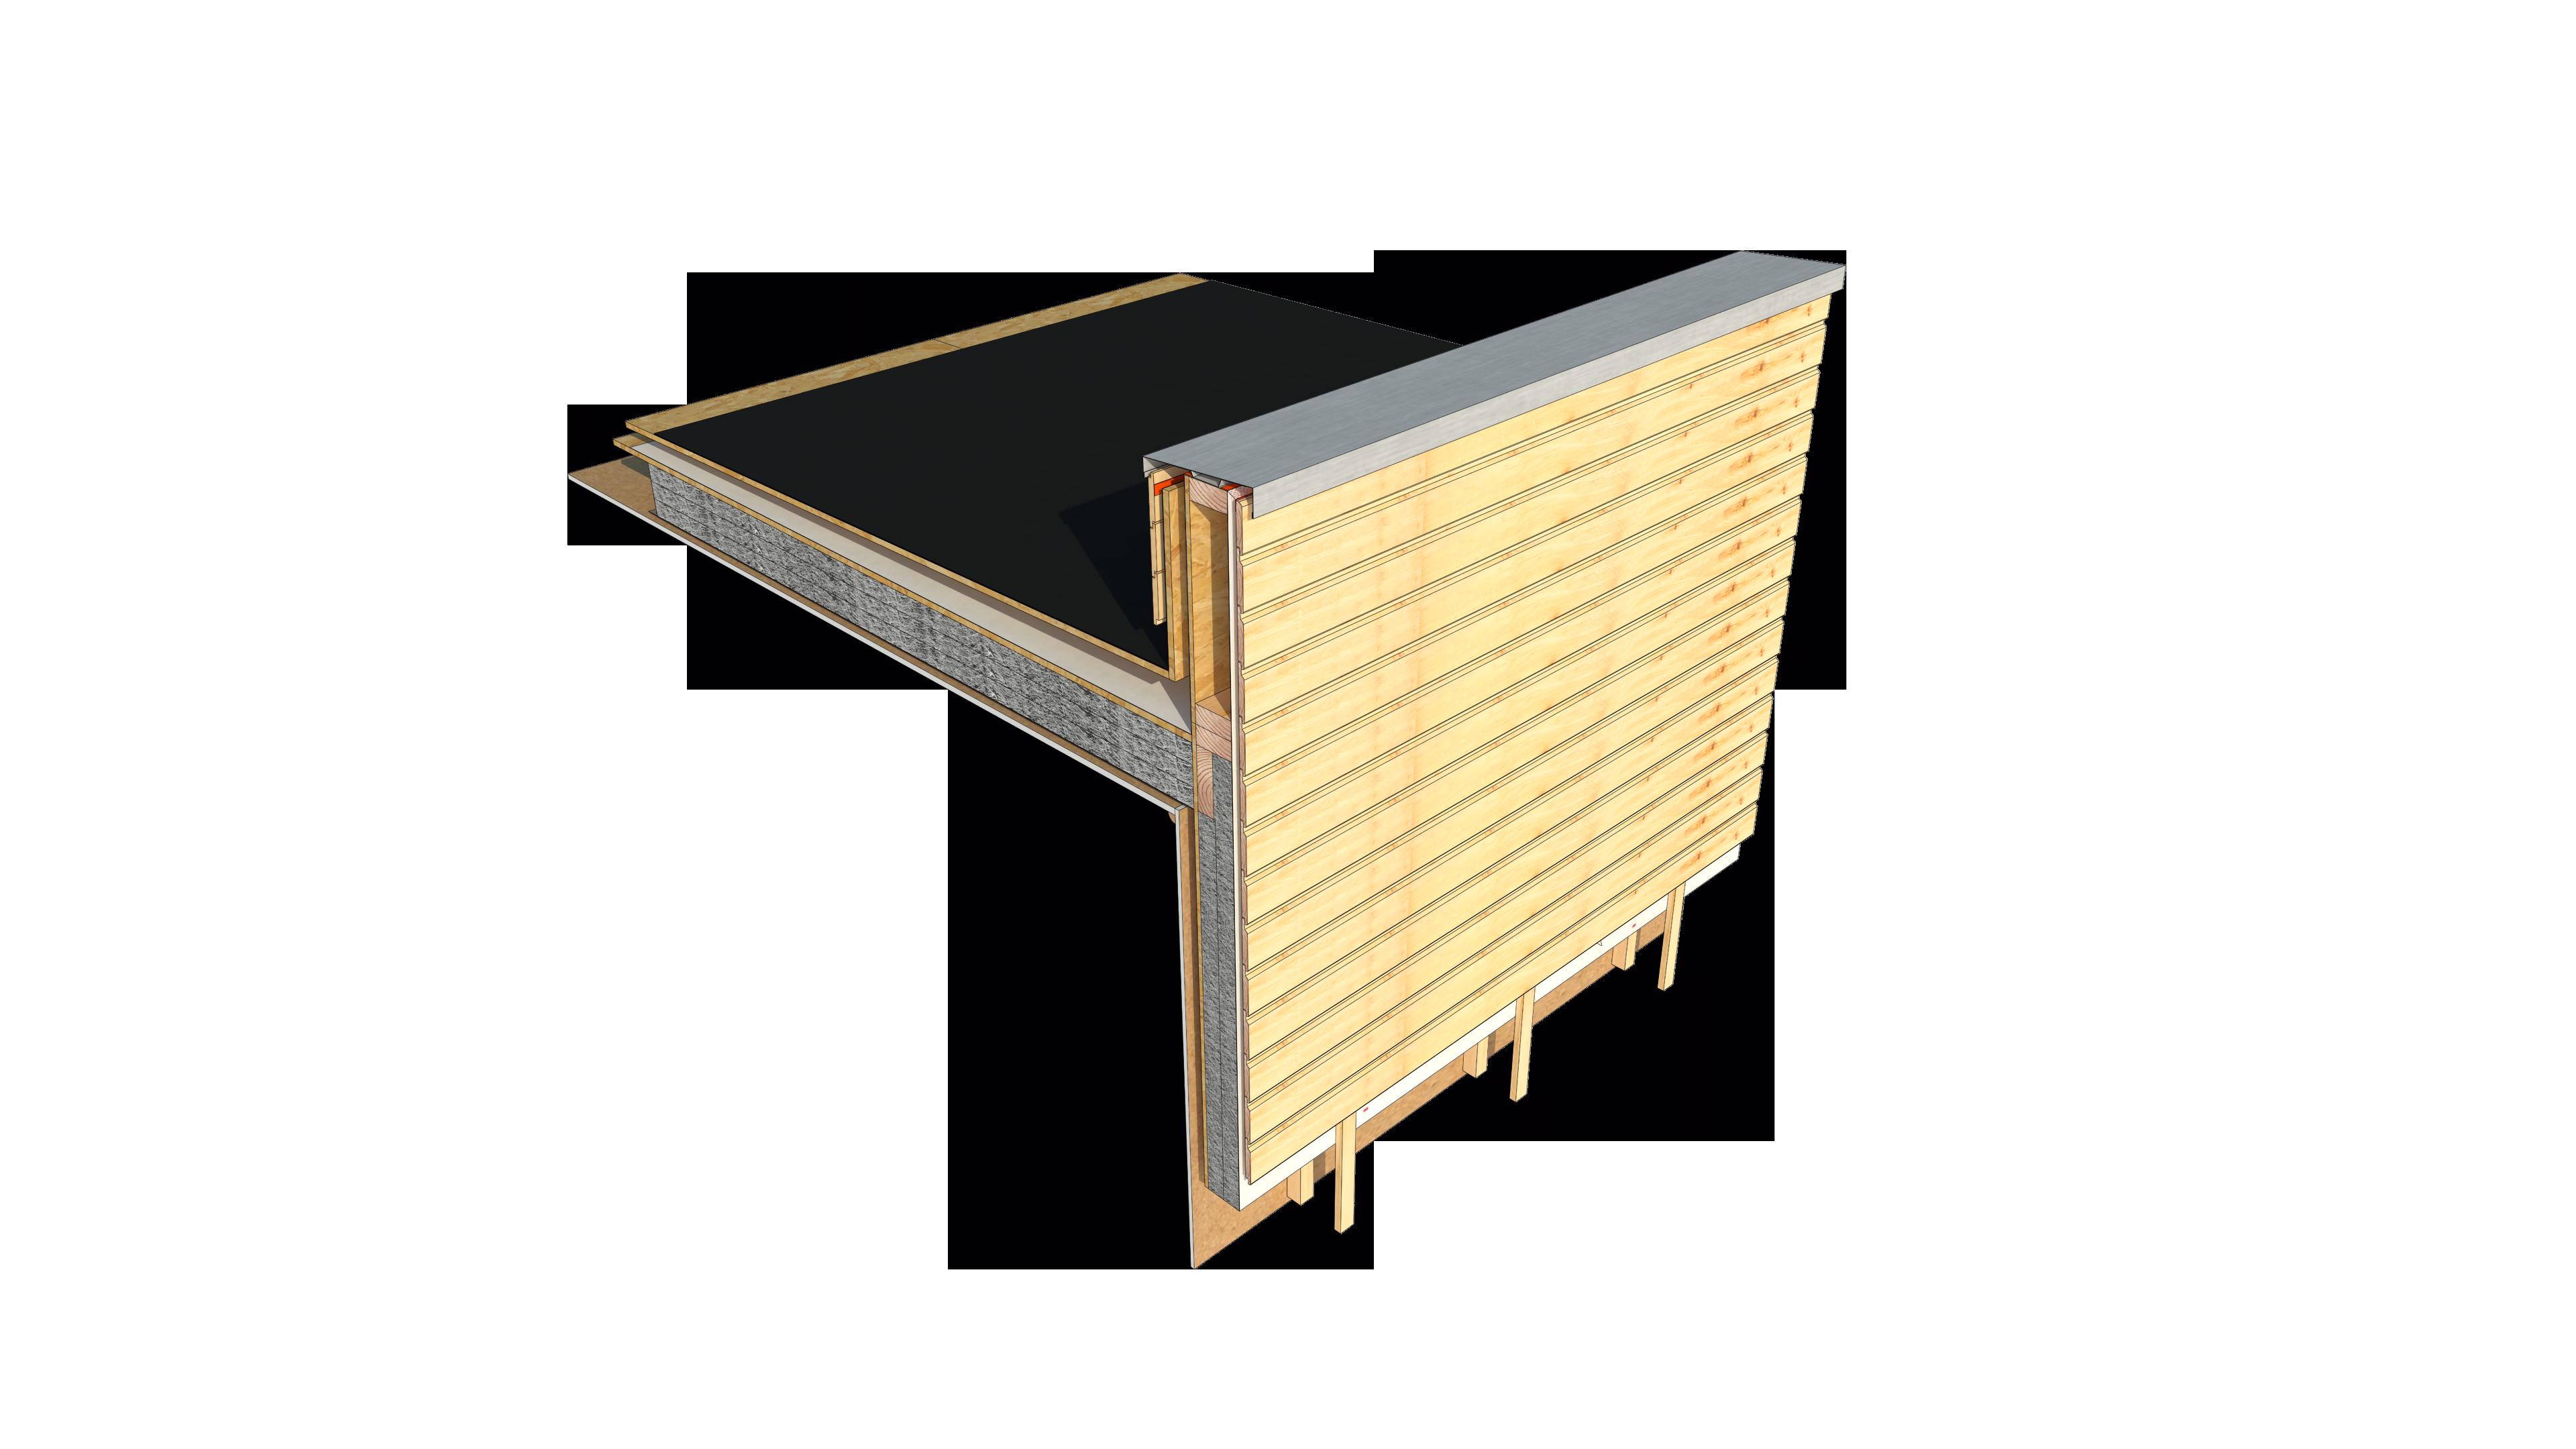 F04 Techo Plano Con Antepecho Realizado Por Polomadera Antepecho Detalles Constructivos Constructivo